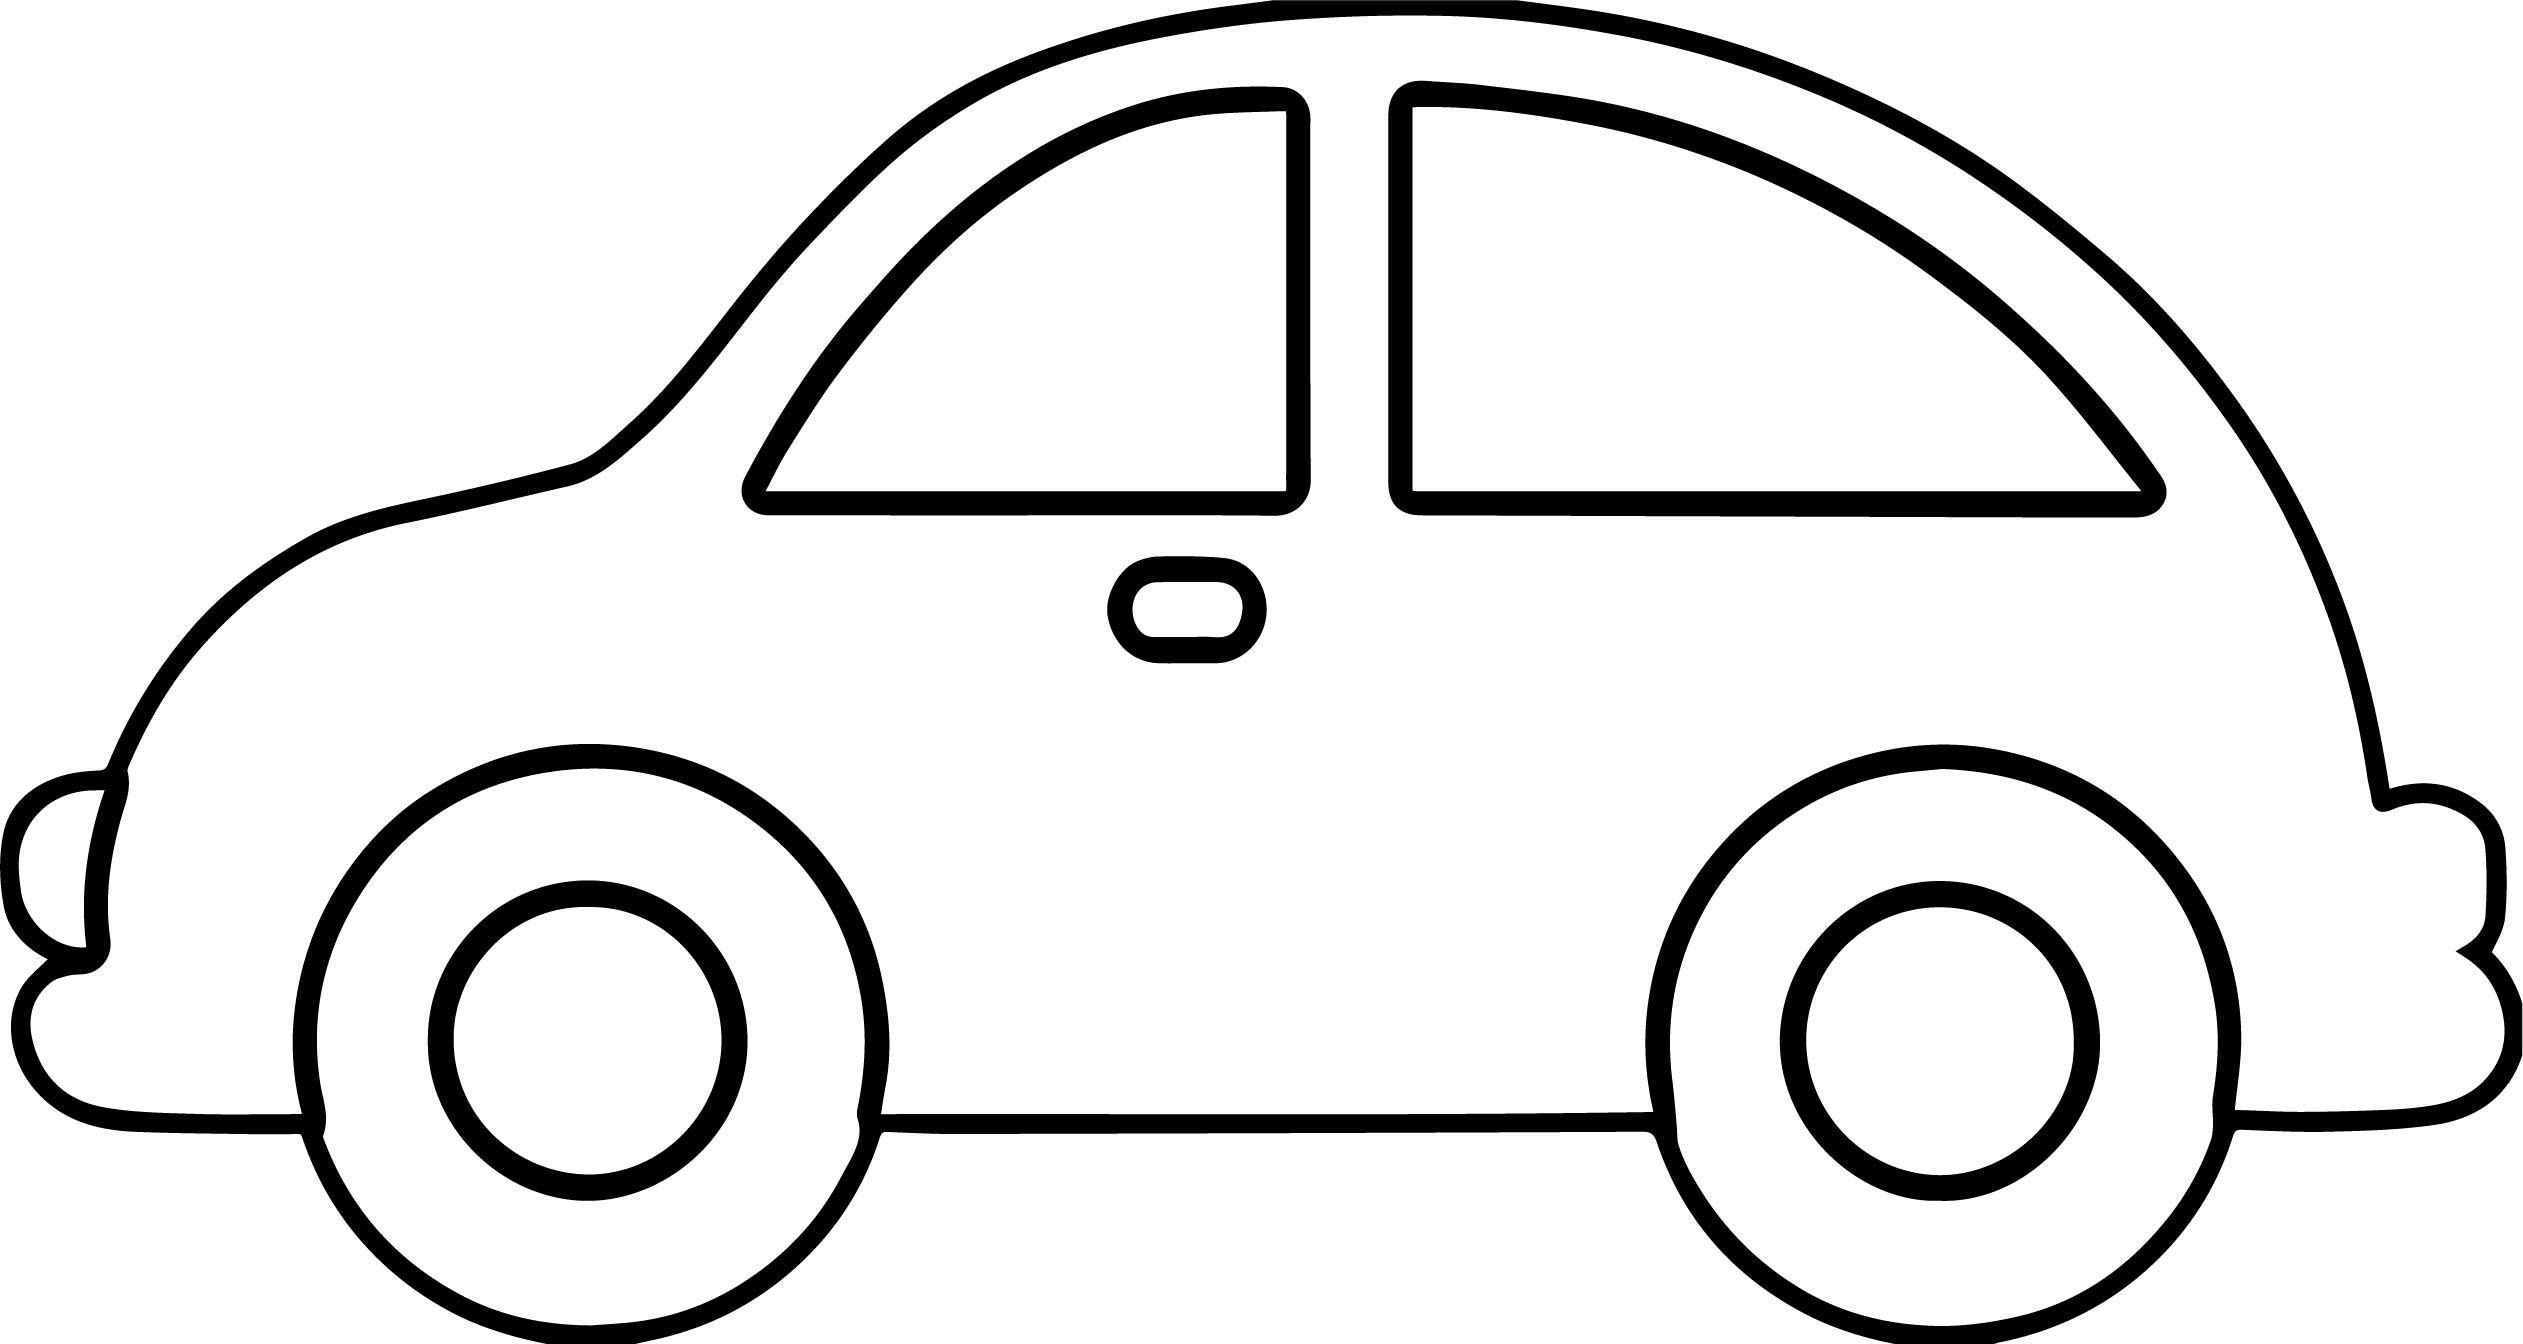 Gerelateerde afbeelding  Simple car drawing, Cars coloring pages